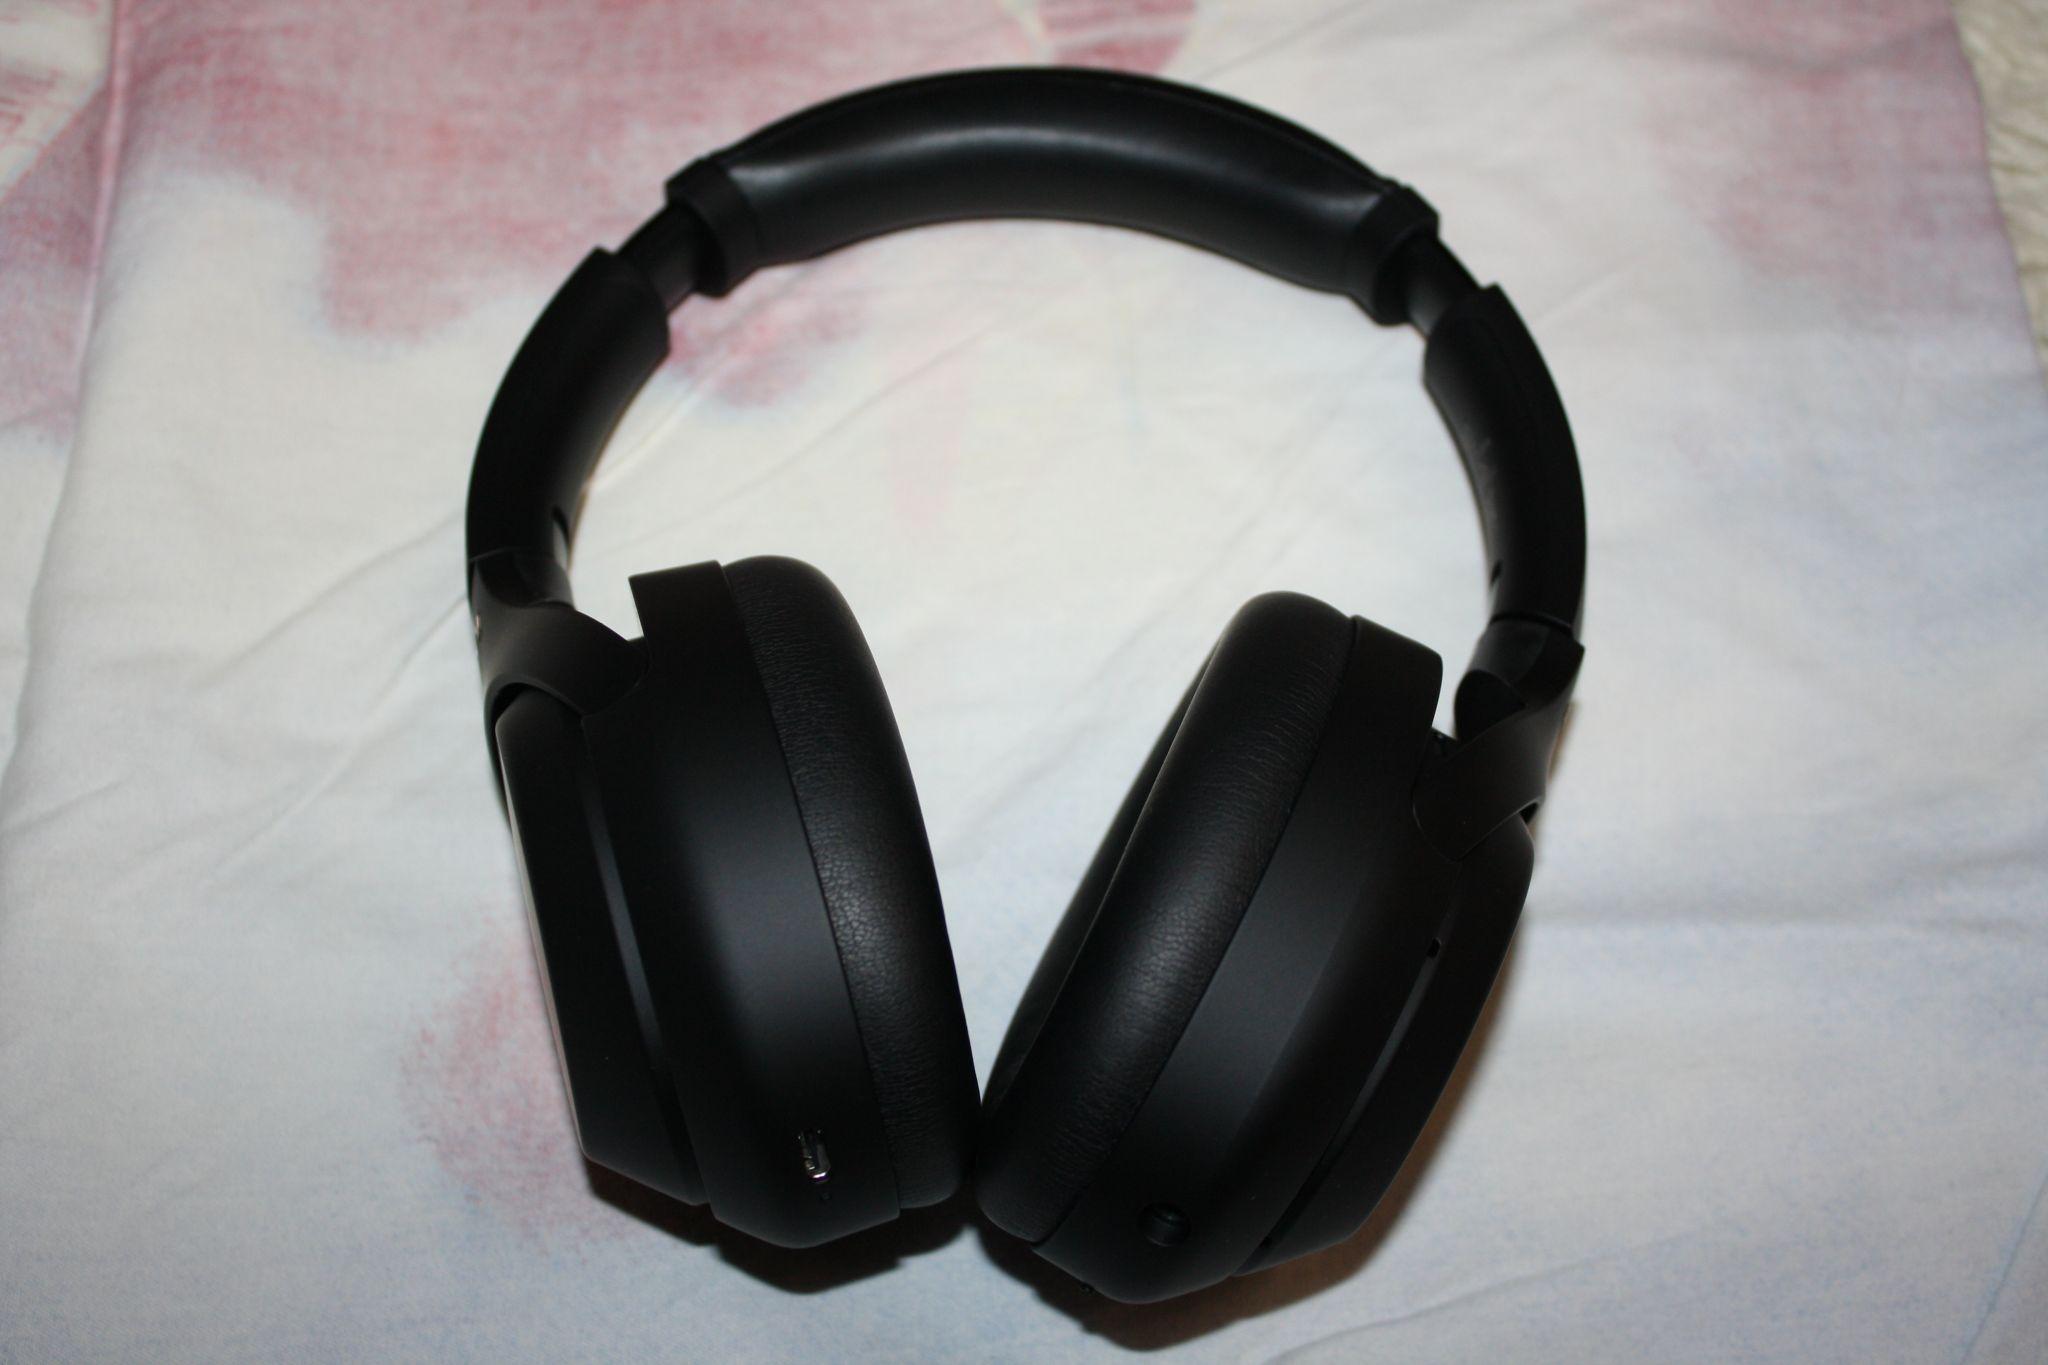 Обзор на беспроводные наушники с микрофоном Sony WH-1000XM4 Black